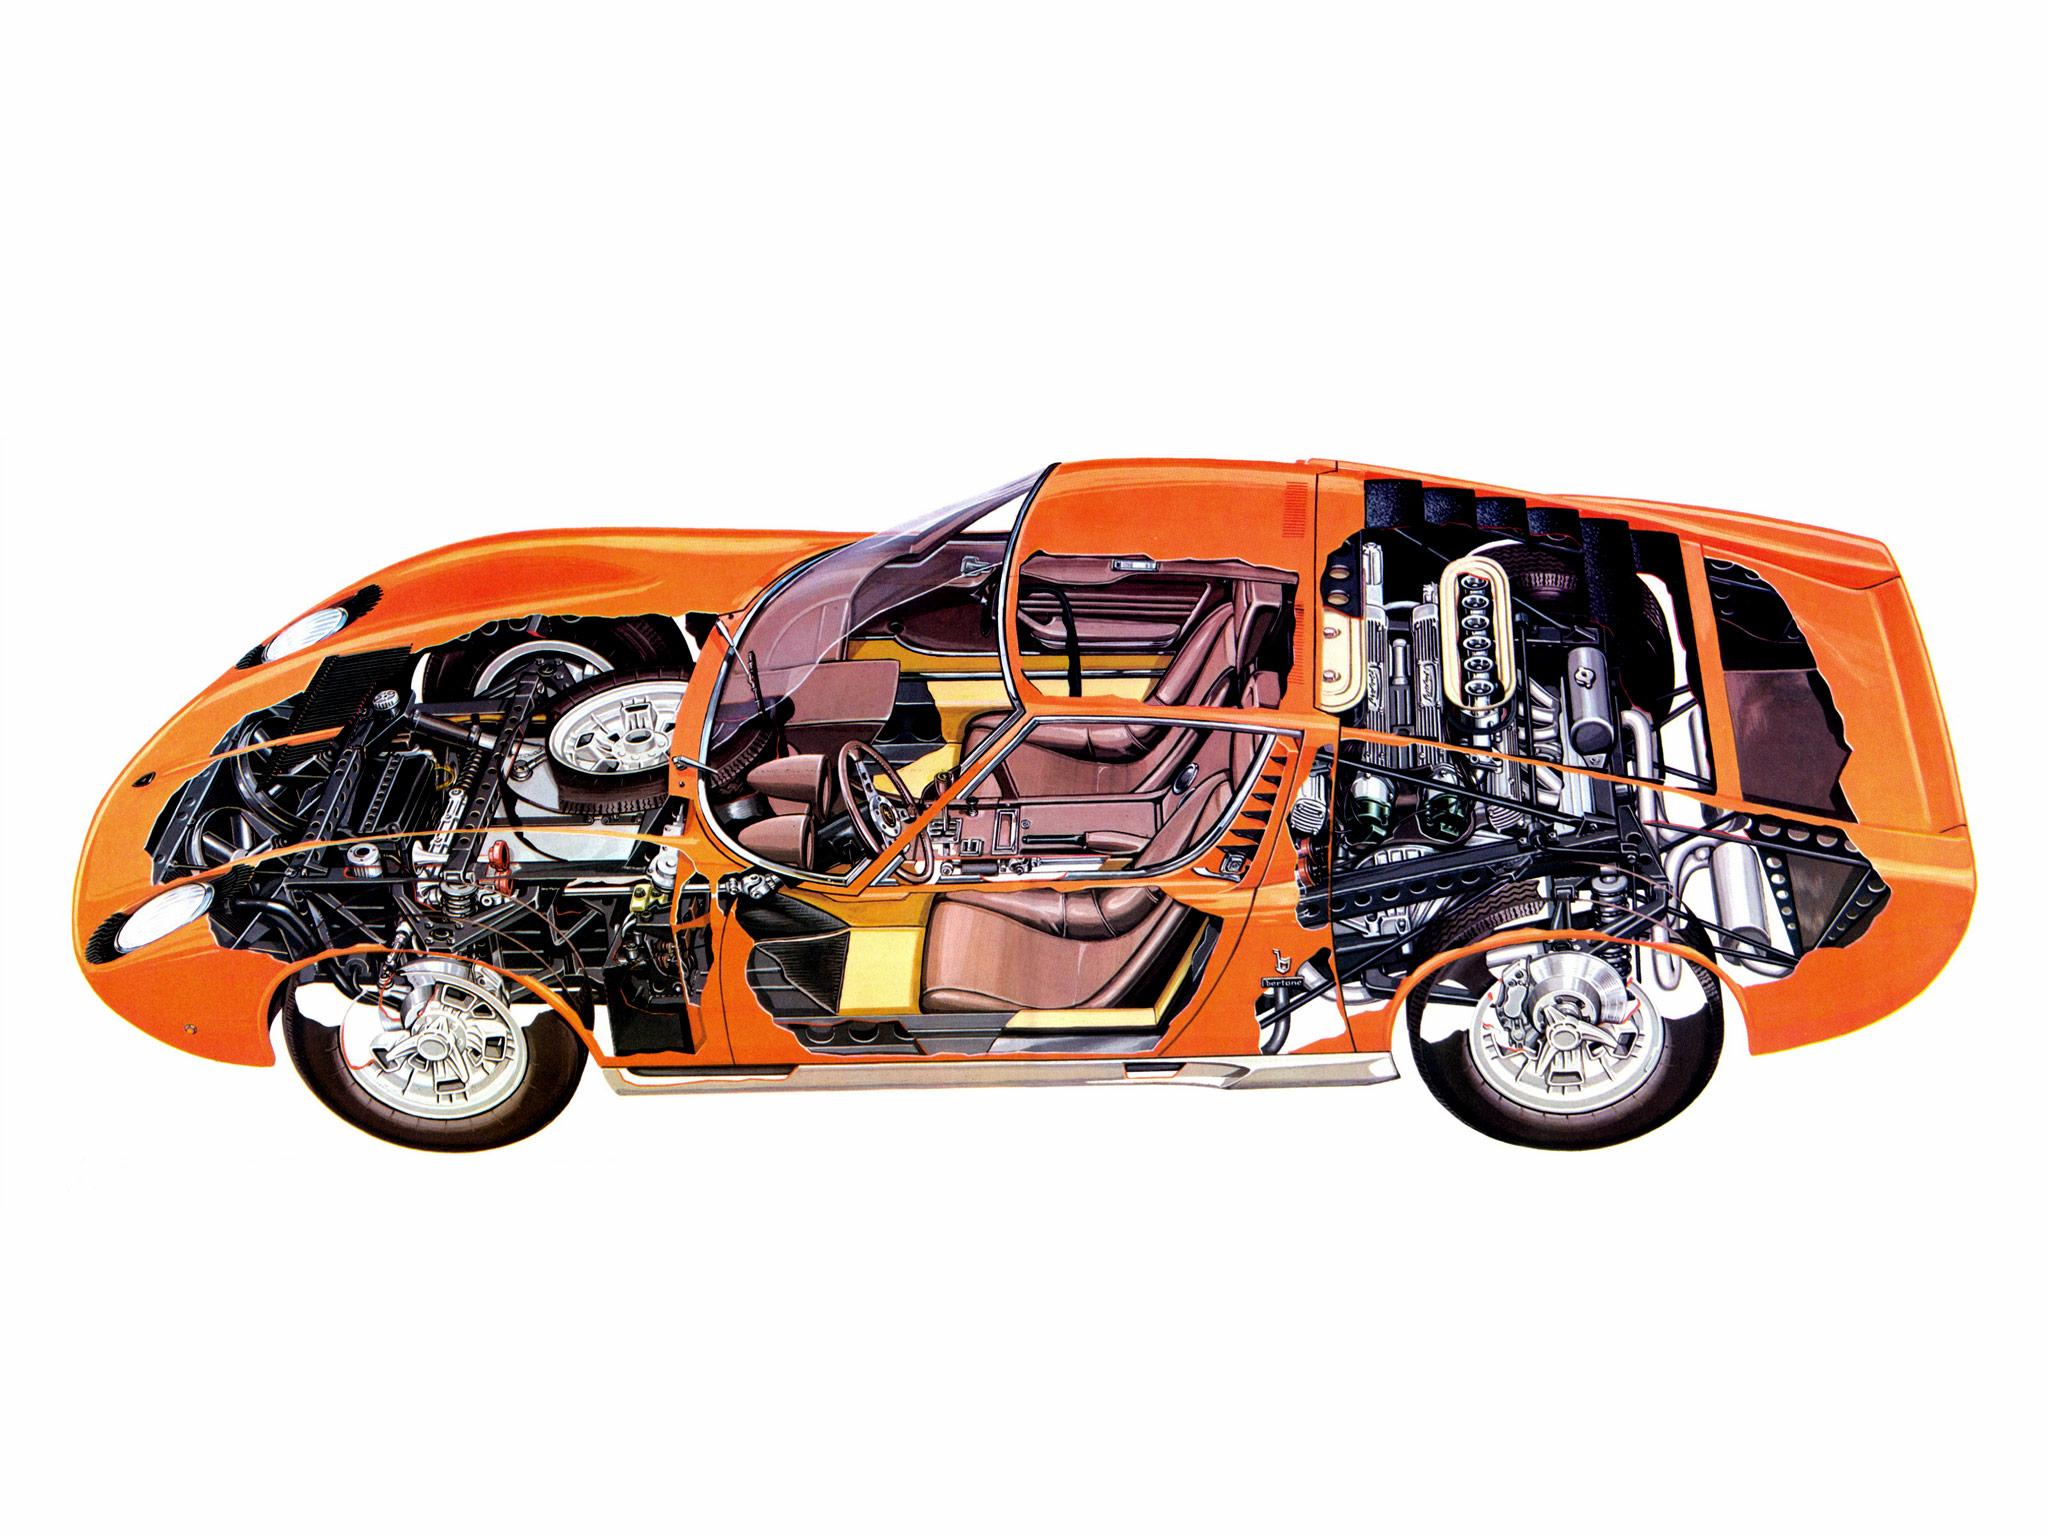 Lamborghini Miura cutaway